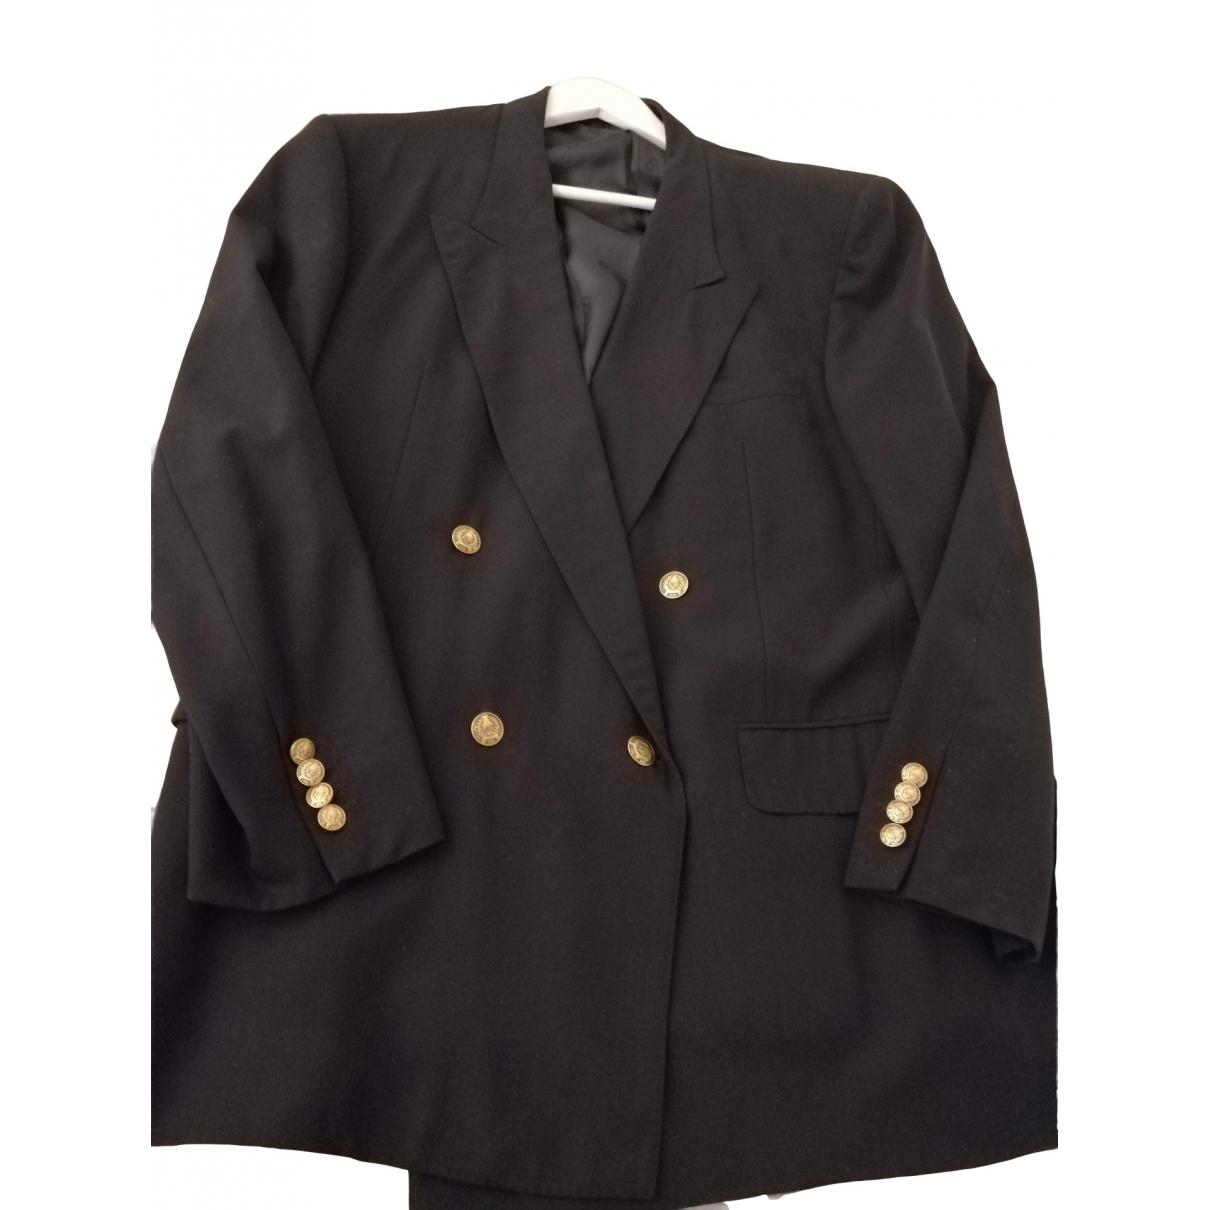 Dior - Vestes.Blousons   pour homme en laine - noir